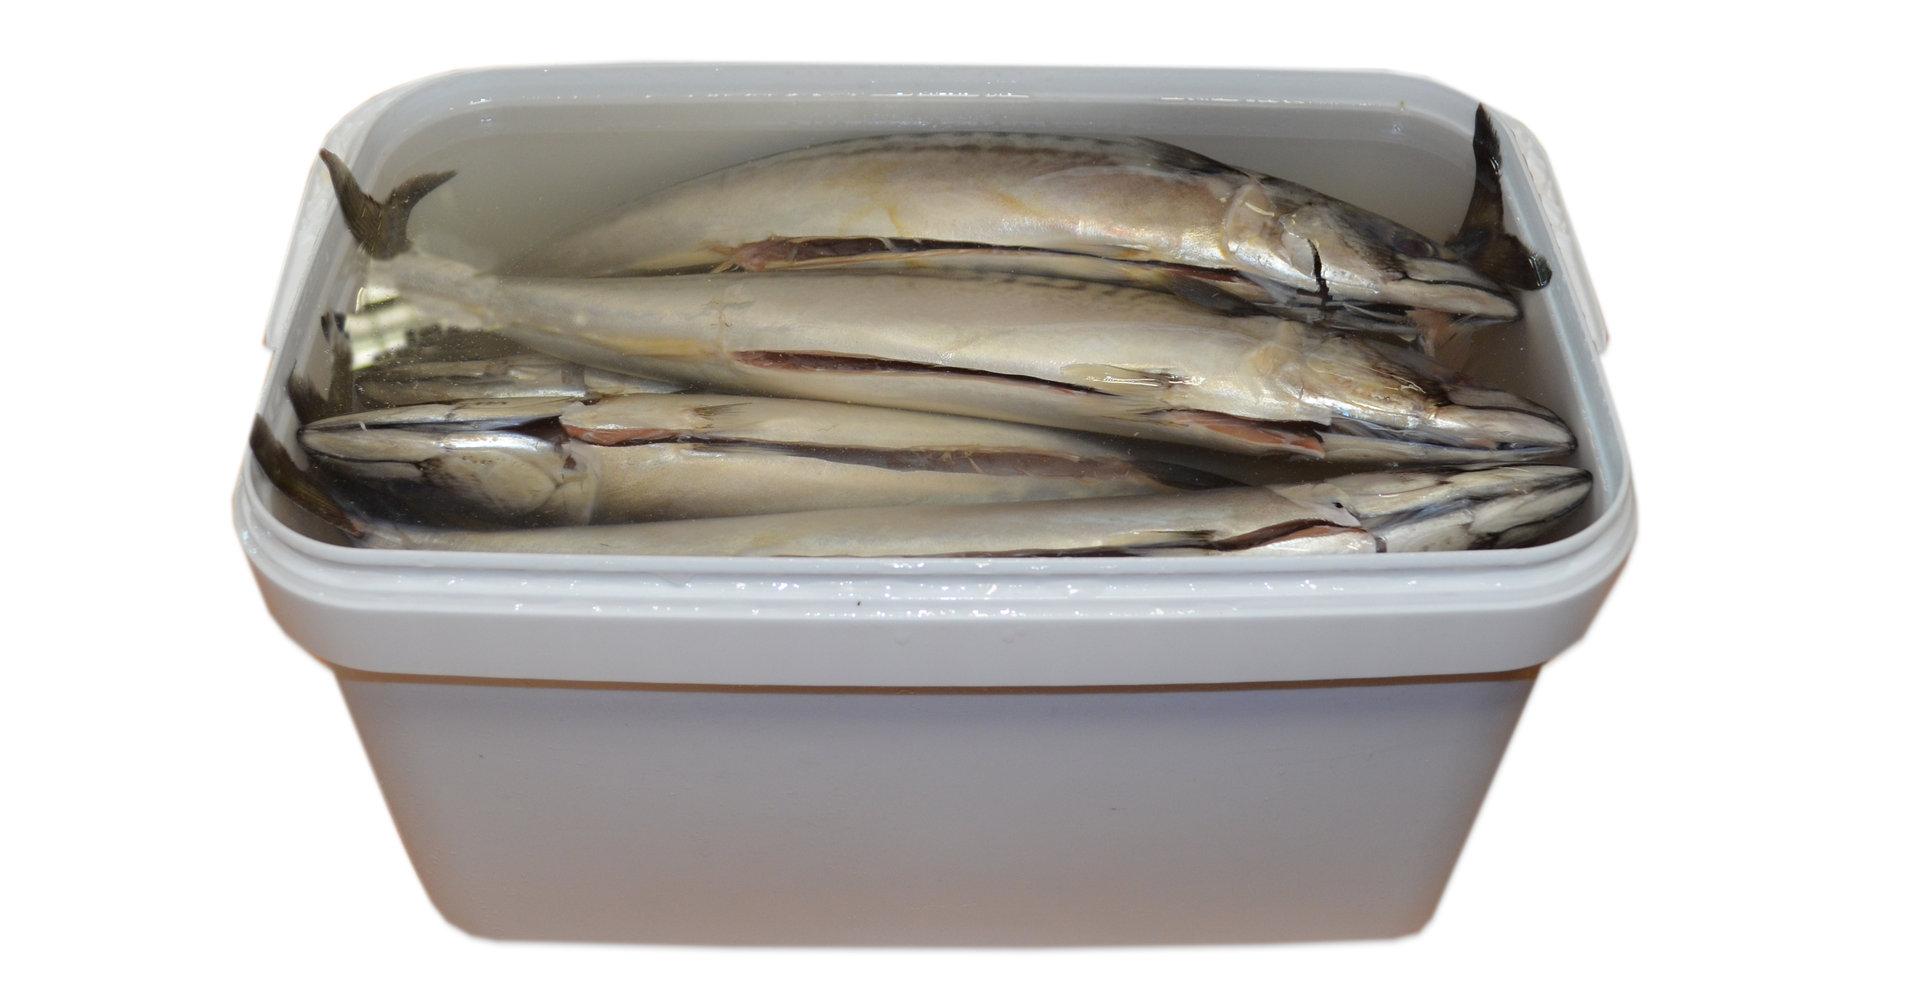 Salzmakrele in Eimer 7,5 liter.